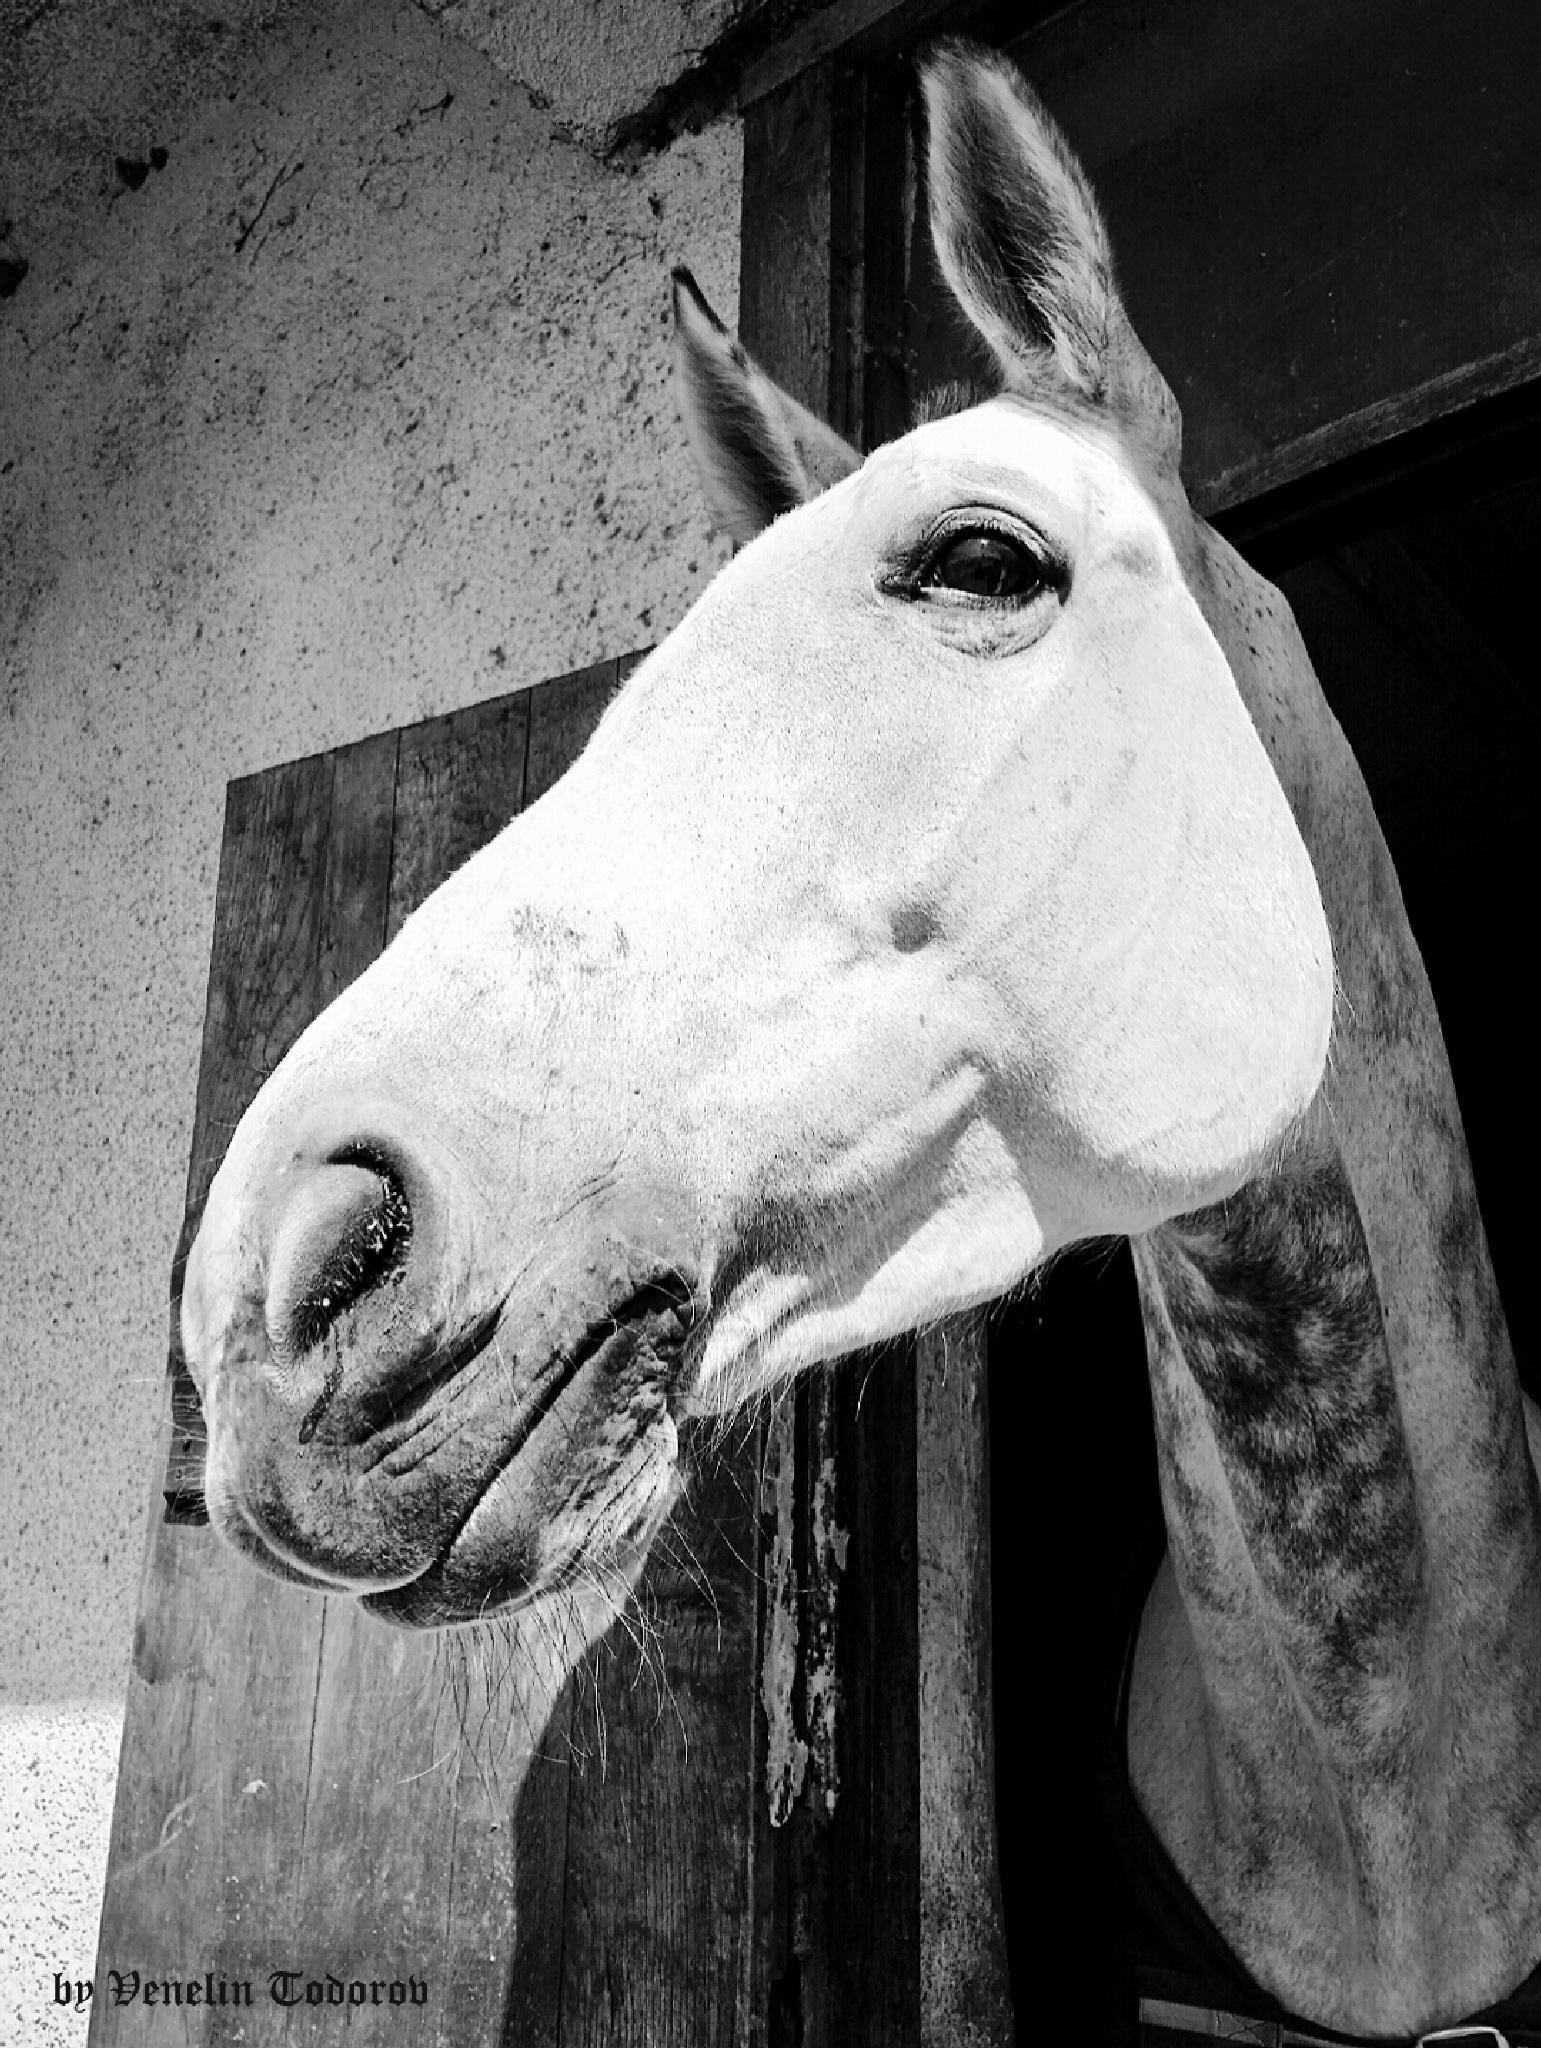 White horse_2 by Venelin Todorov